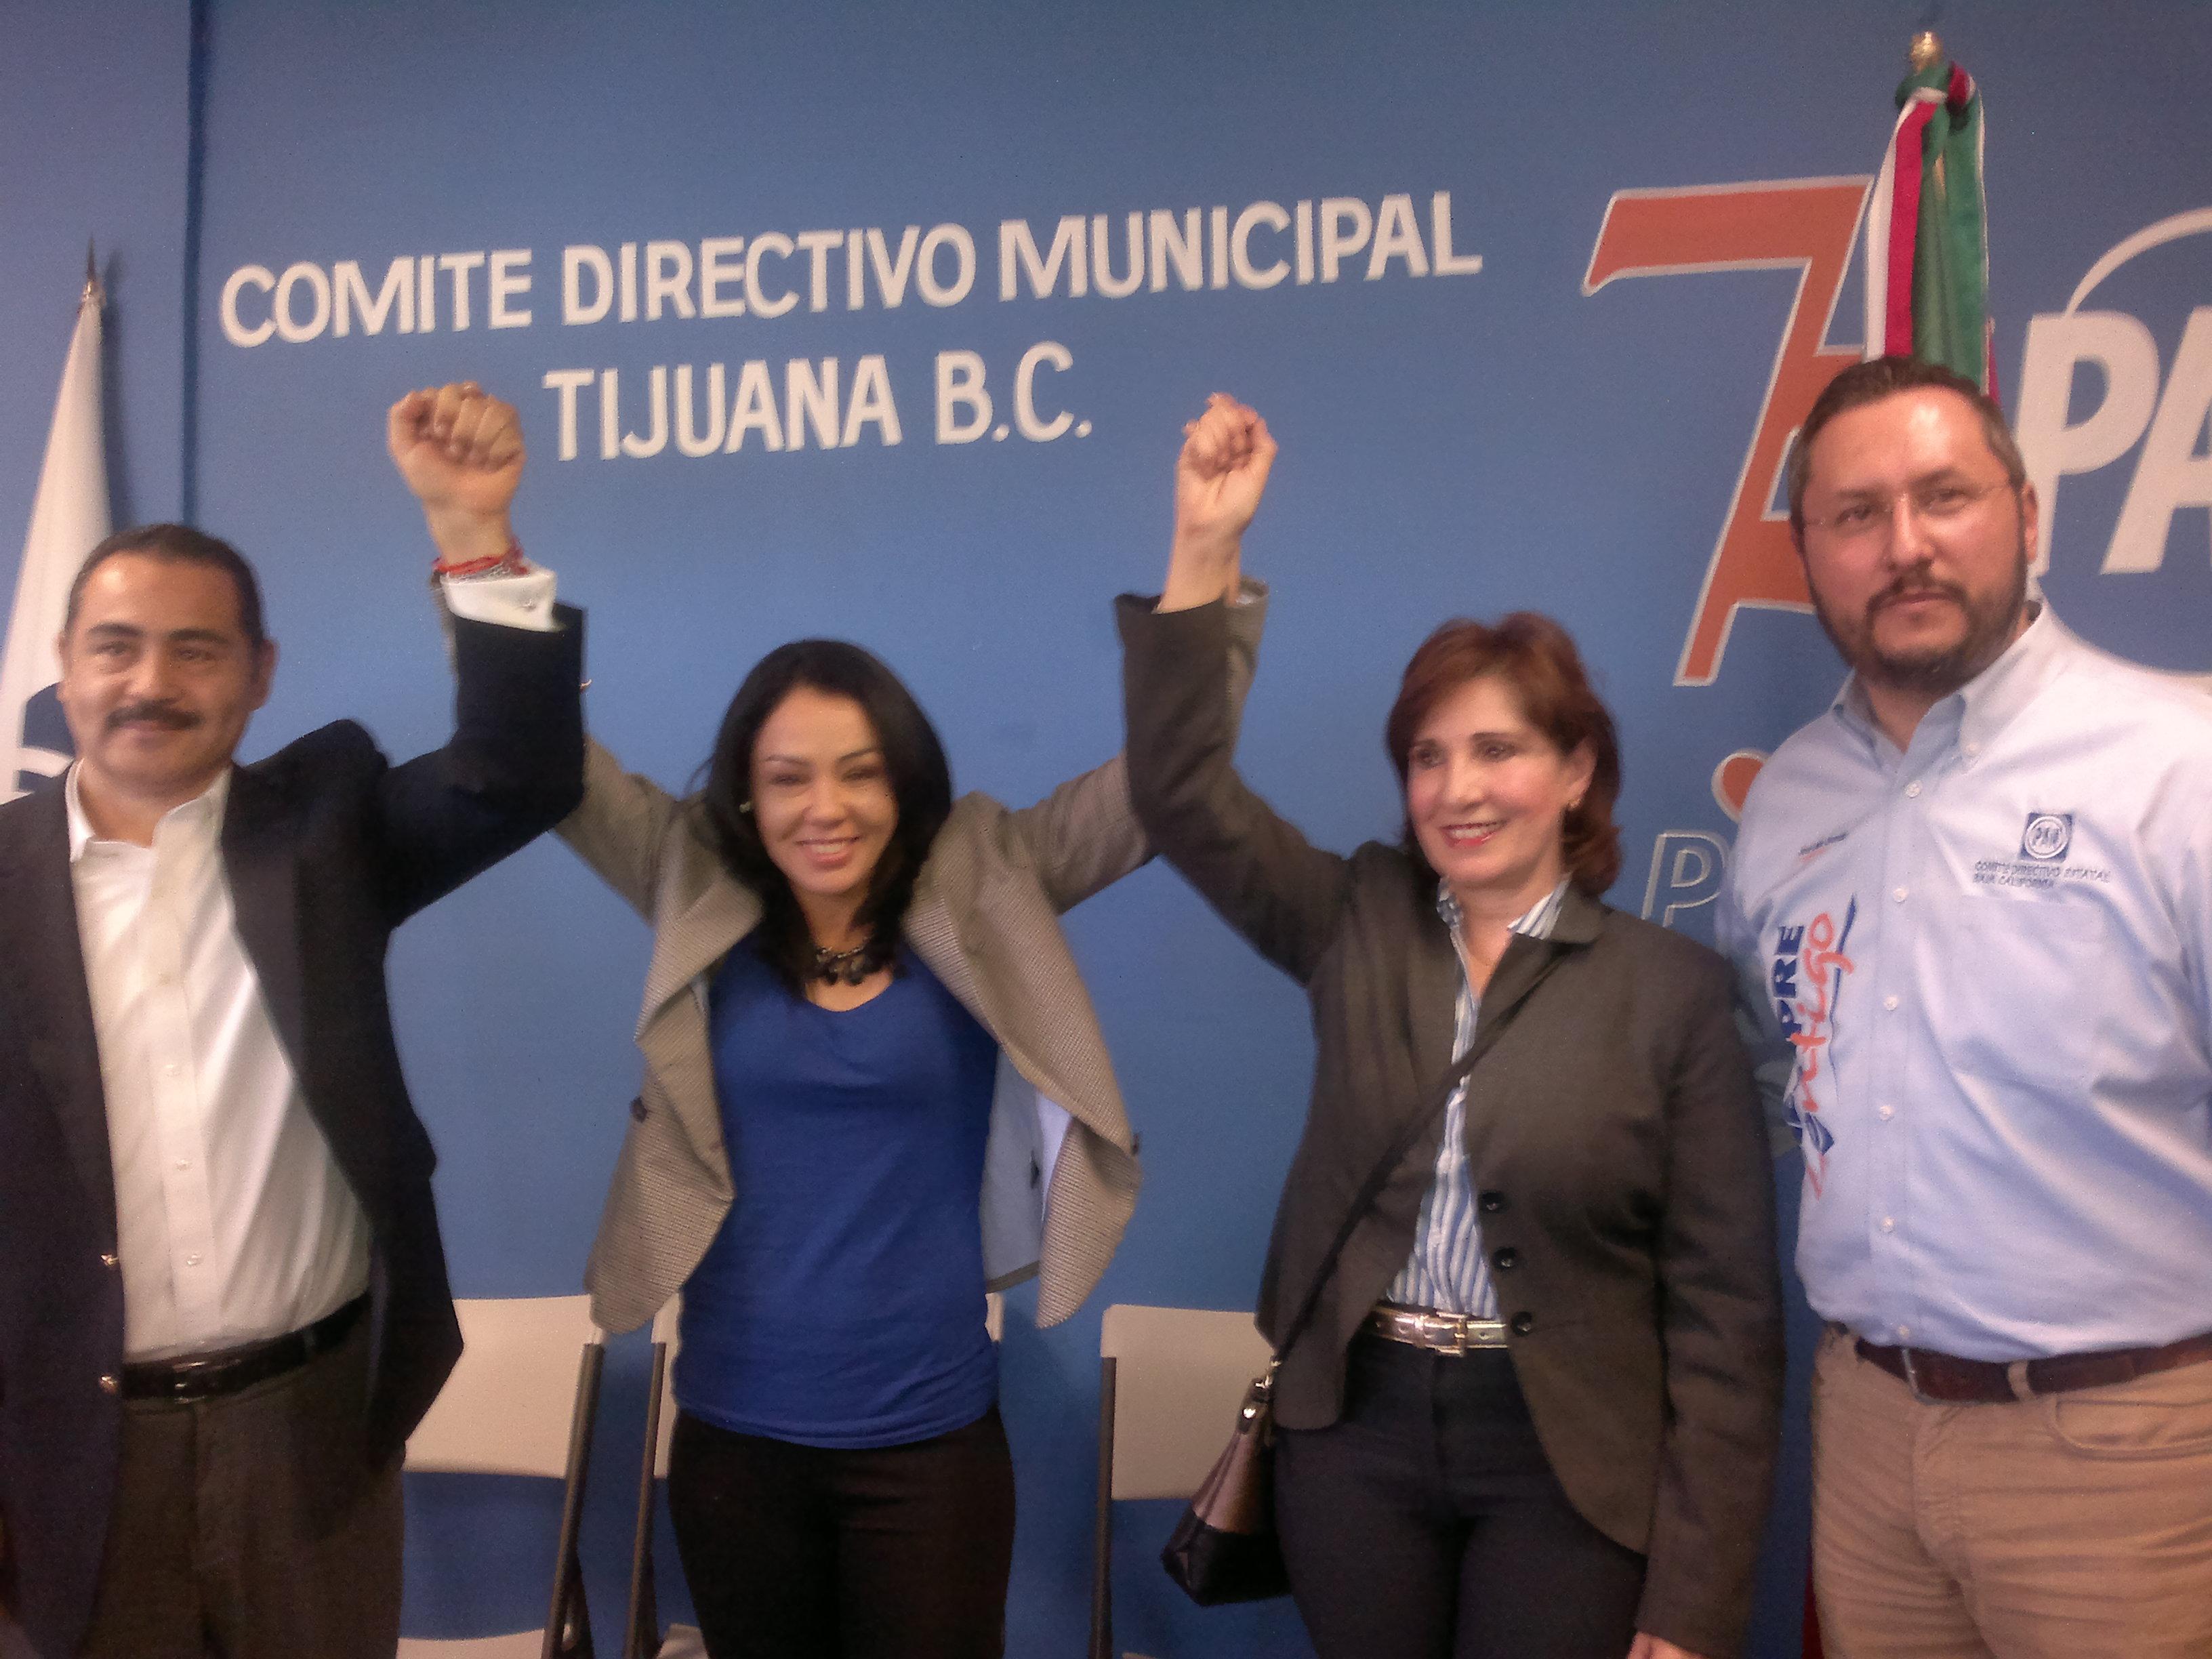 Campeona Jackie Nava,  precandidata a diputada por el PAN y asegura que seguirá peleando